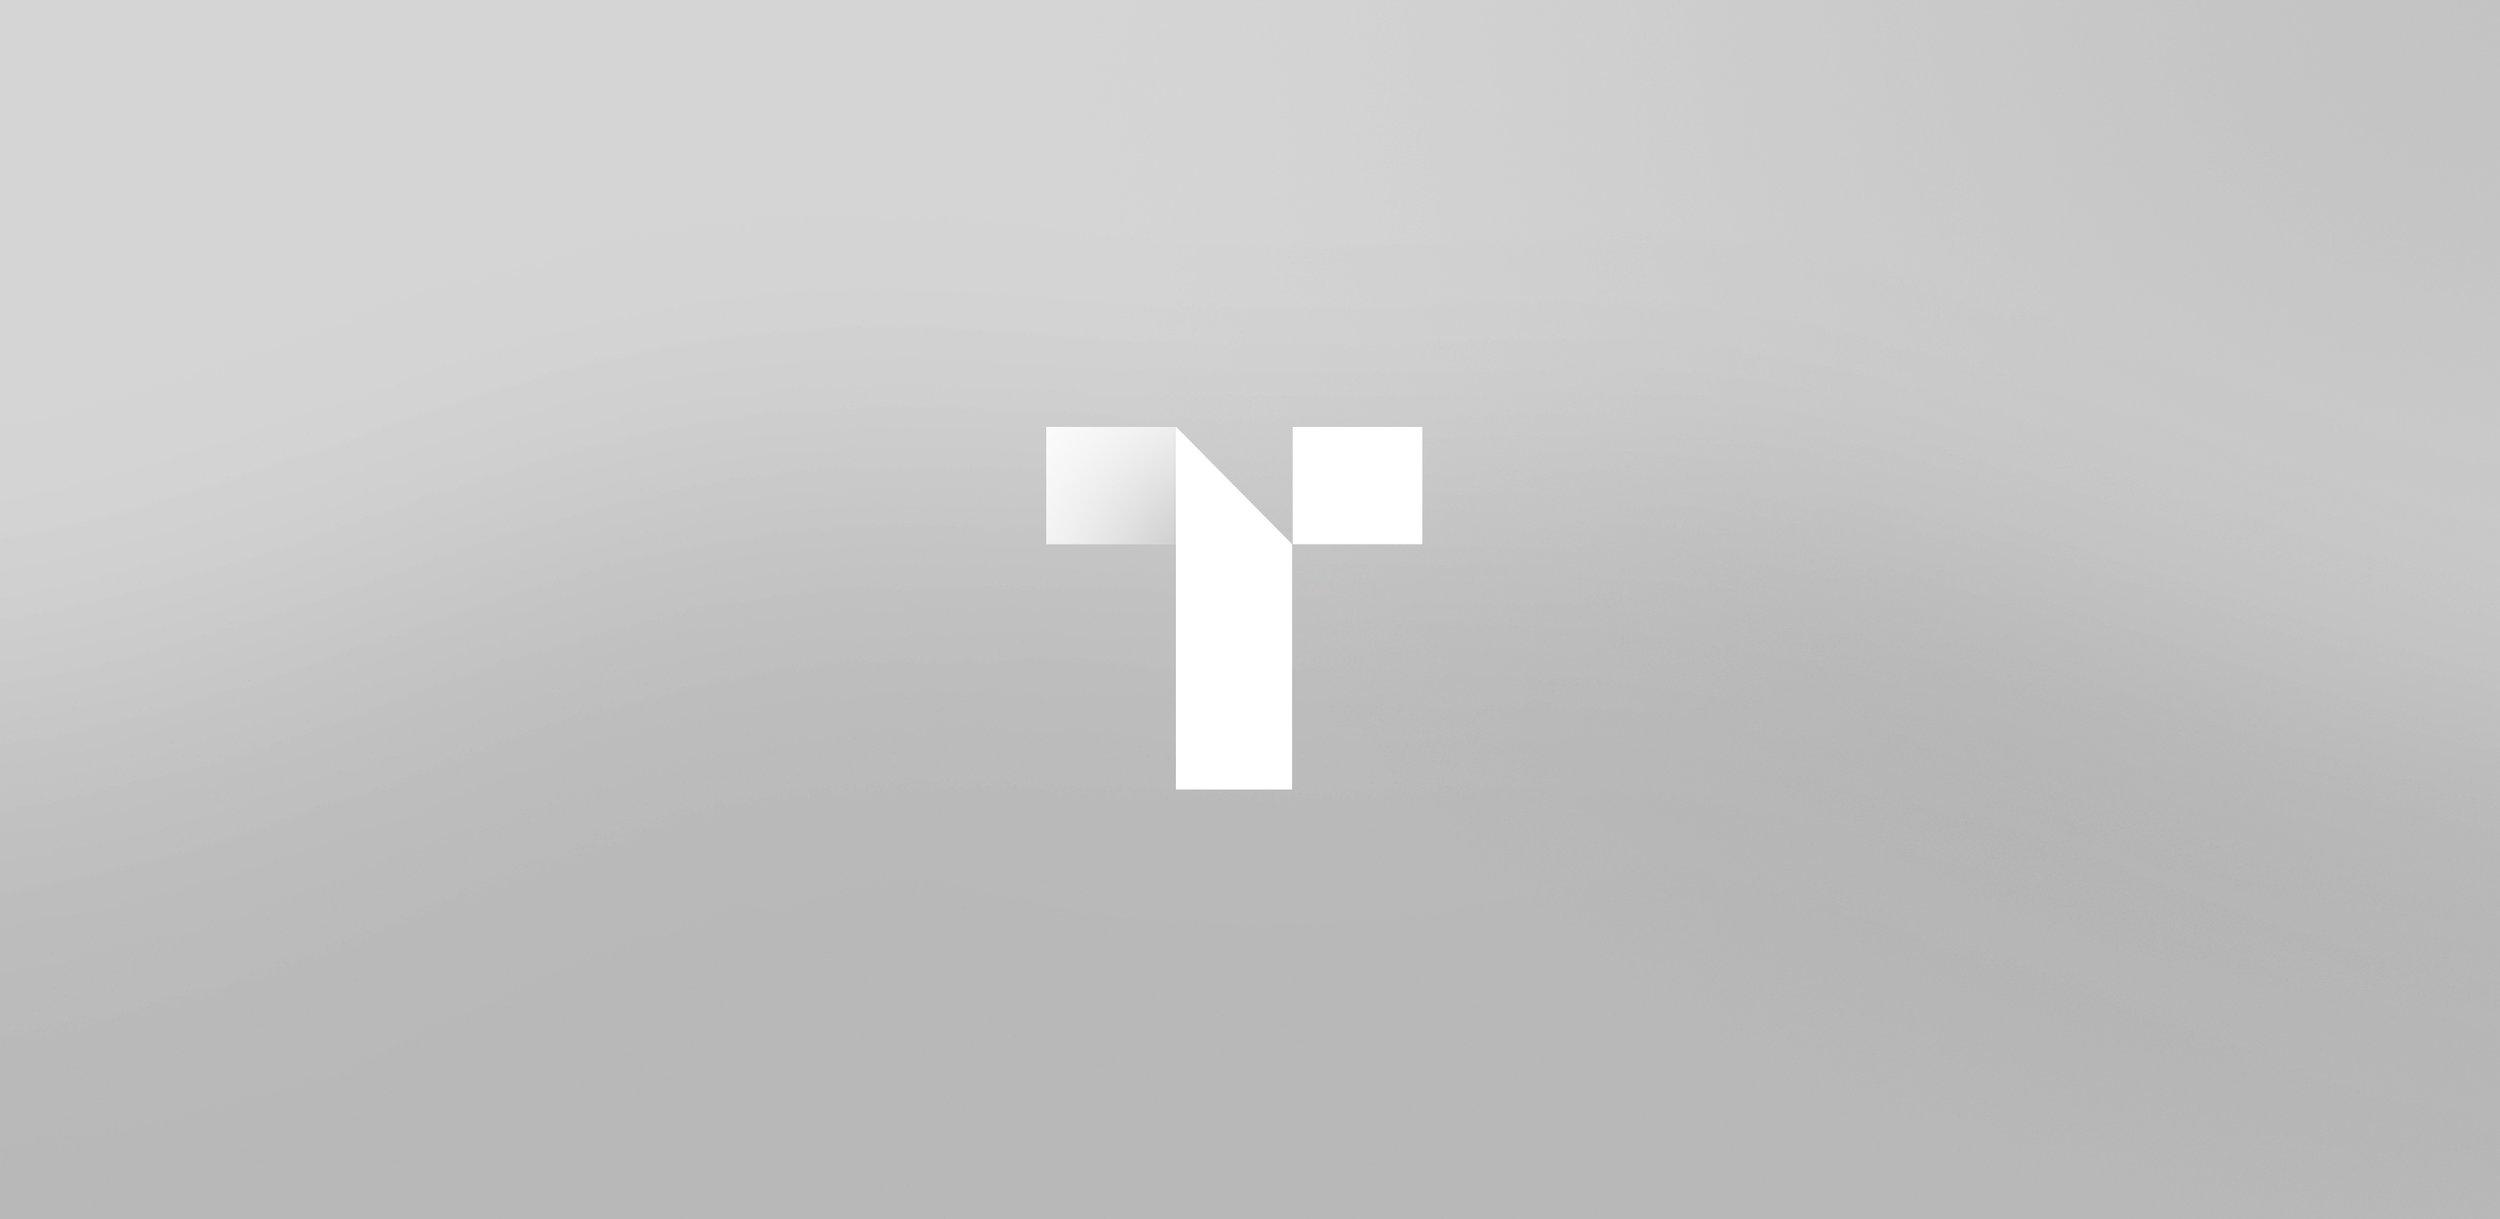 tanner-logo.png